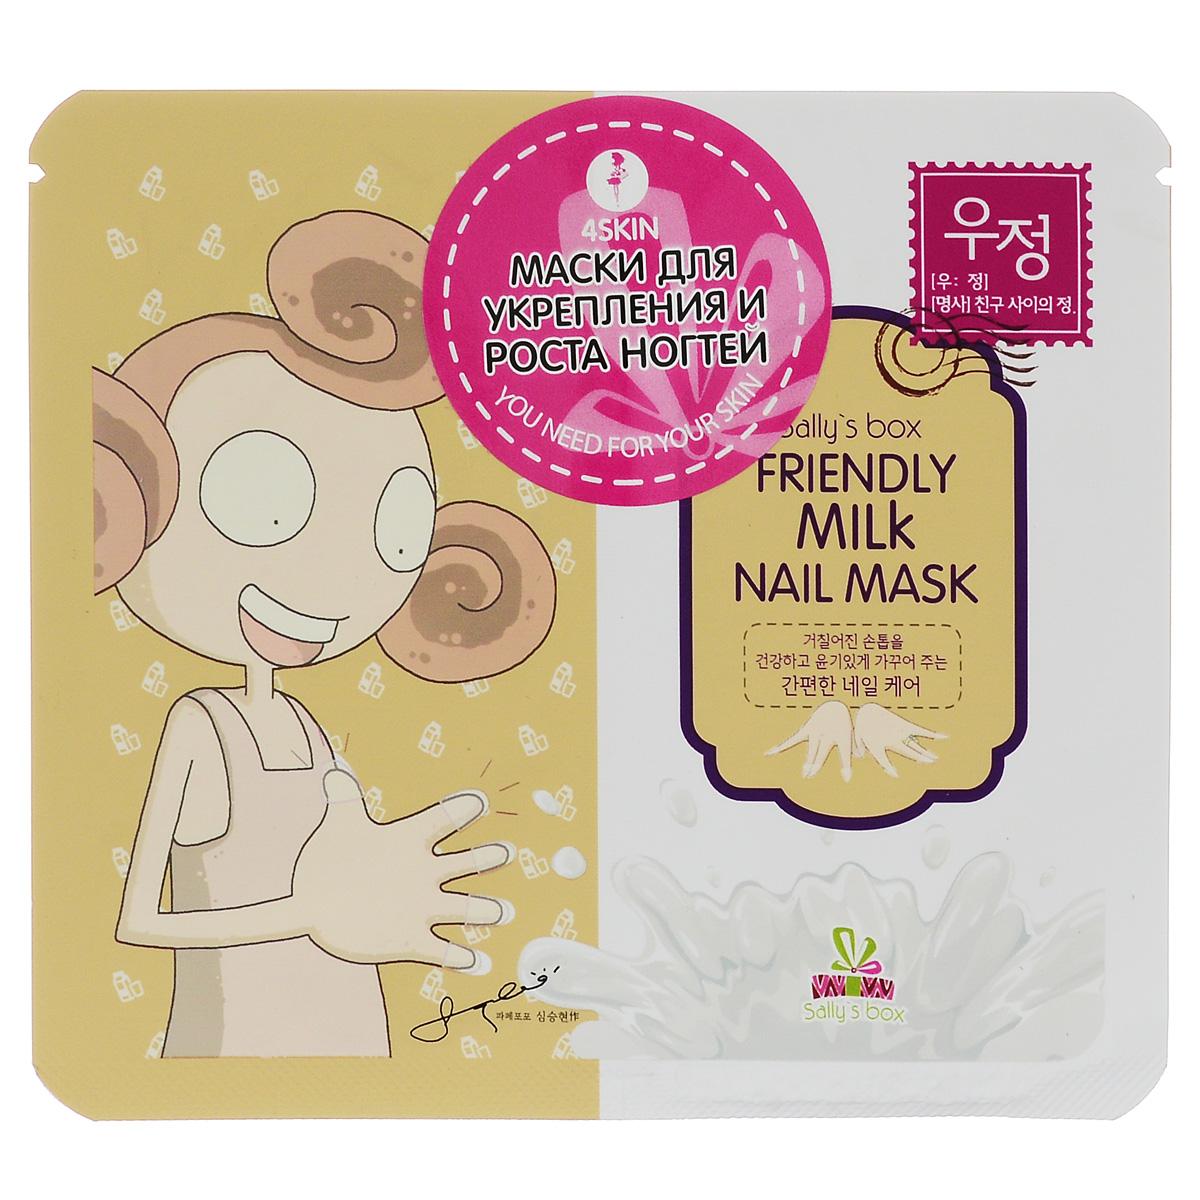 SALLY`S BOX Ухаживающие маски для укрепления и роста ногтей28032022Маска способствует прекрасному, оздоровительному увлажнению и питанию кожи рук и ногтей. Восстанавливает водный баланс кожи, укрепляет ногтевую пластину и препятствует появлению ломкости. Маска для ногтей содержит масло ши, экстракт лайма и лимона, которые восстанавливают блеск и силу, укрепляют ногтевую пластину.